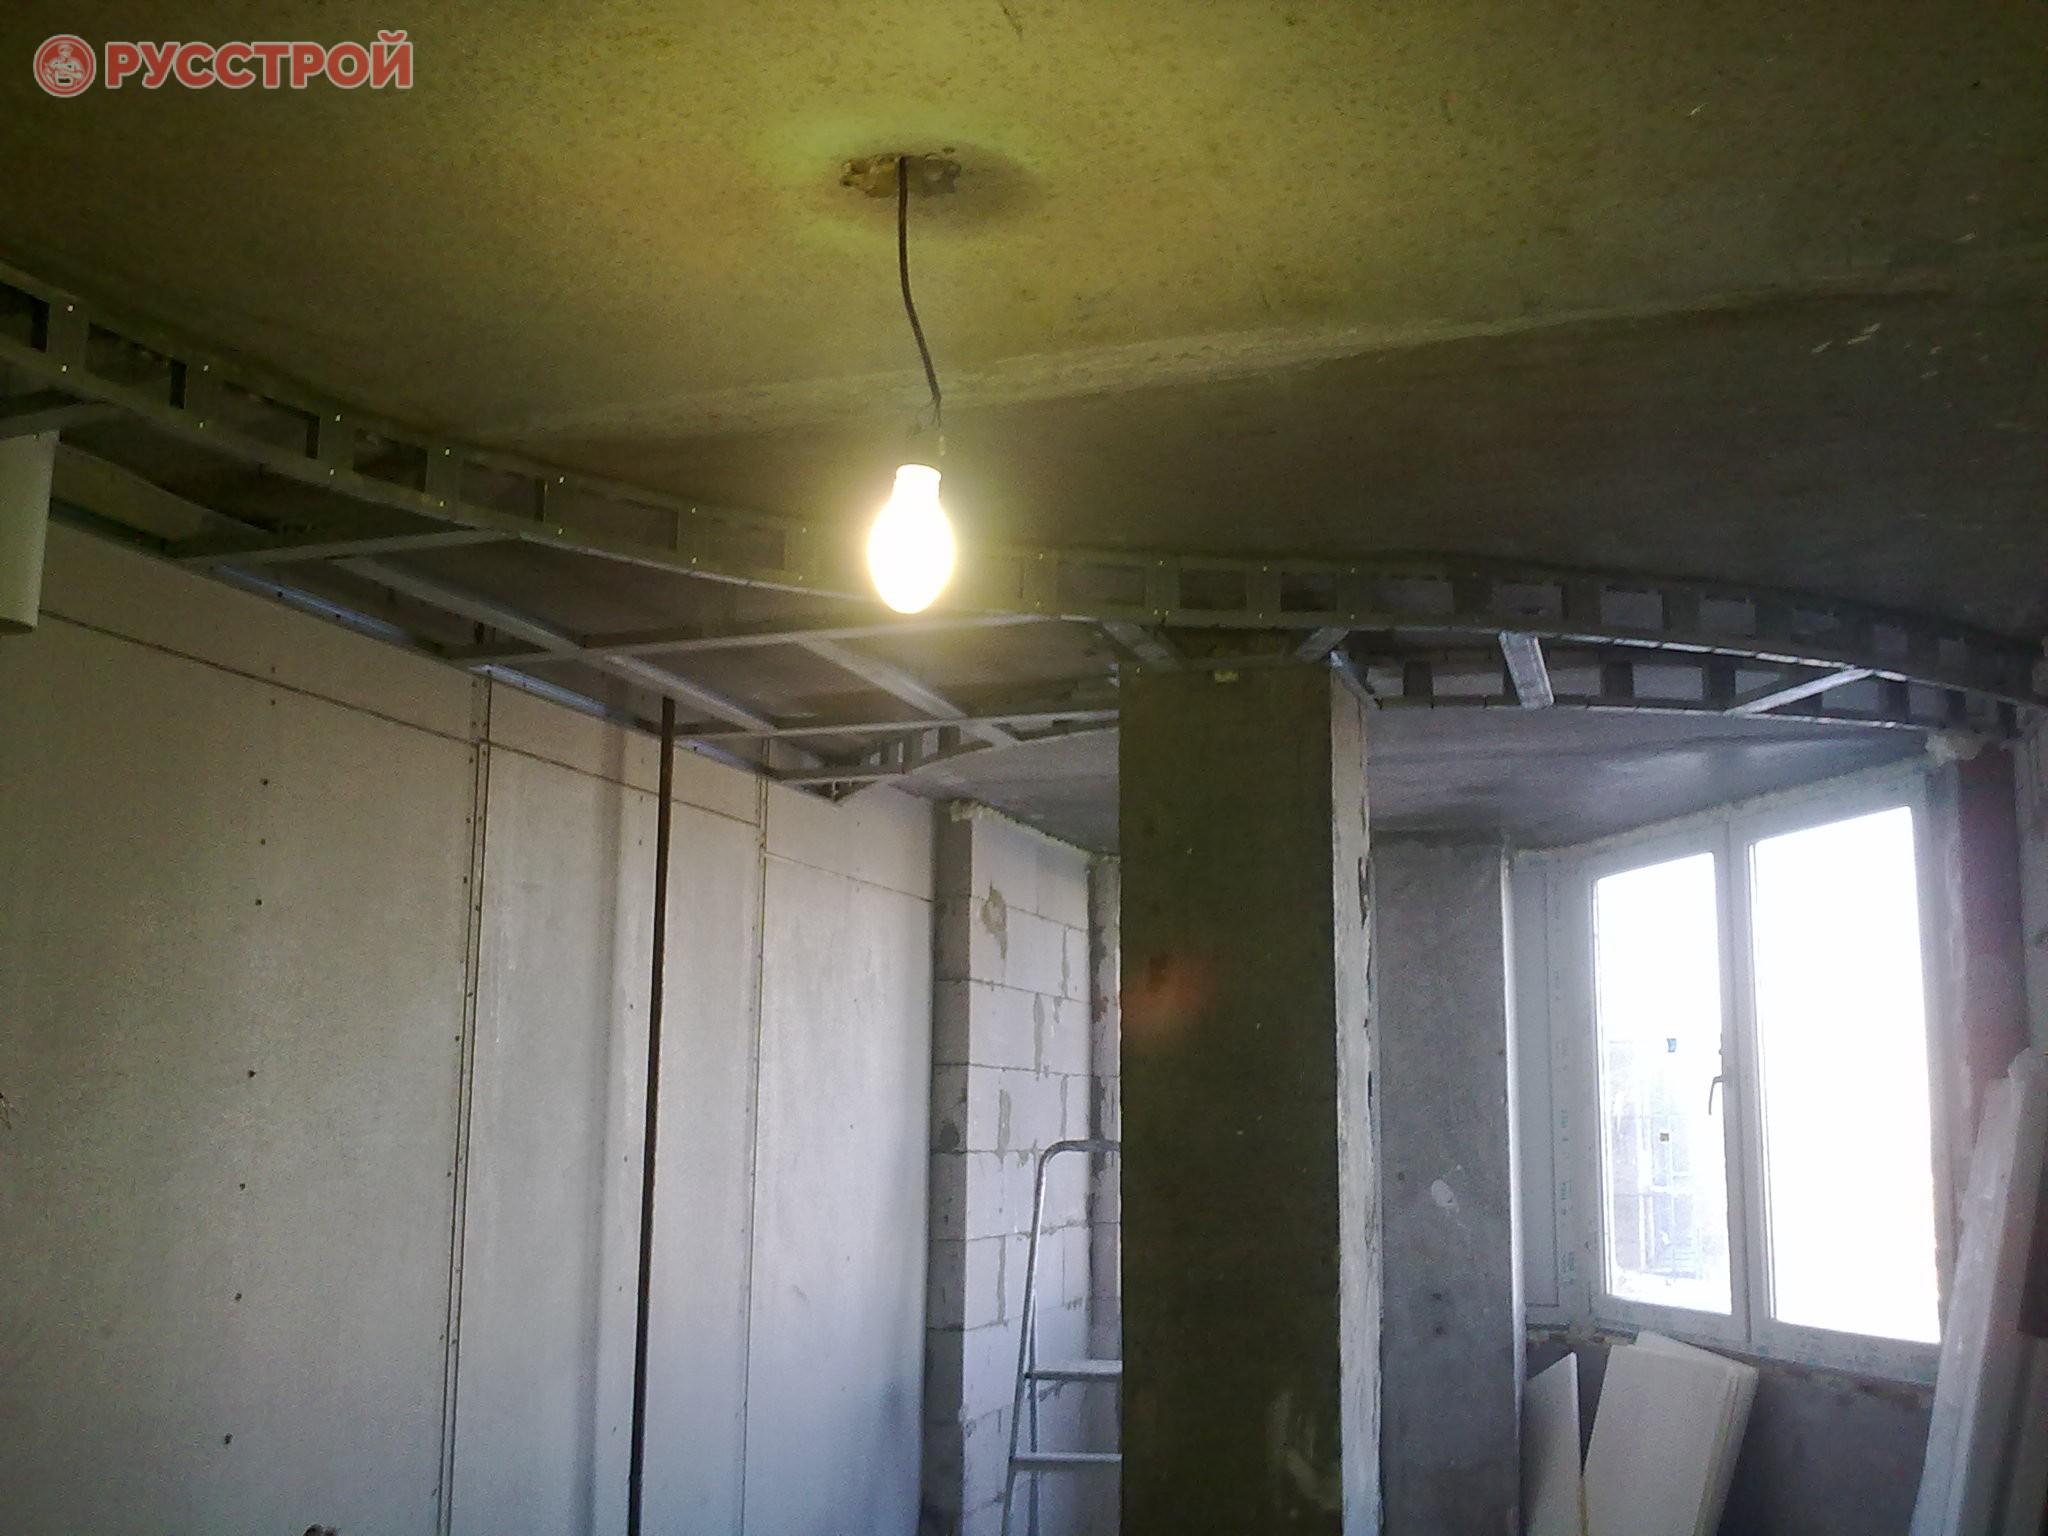 Подготовка каркаса на потолке для гипсокартона. Сделано ООО 'Русстрой' г. Калуга